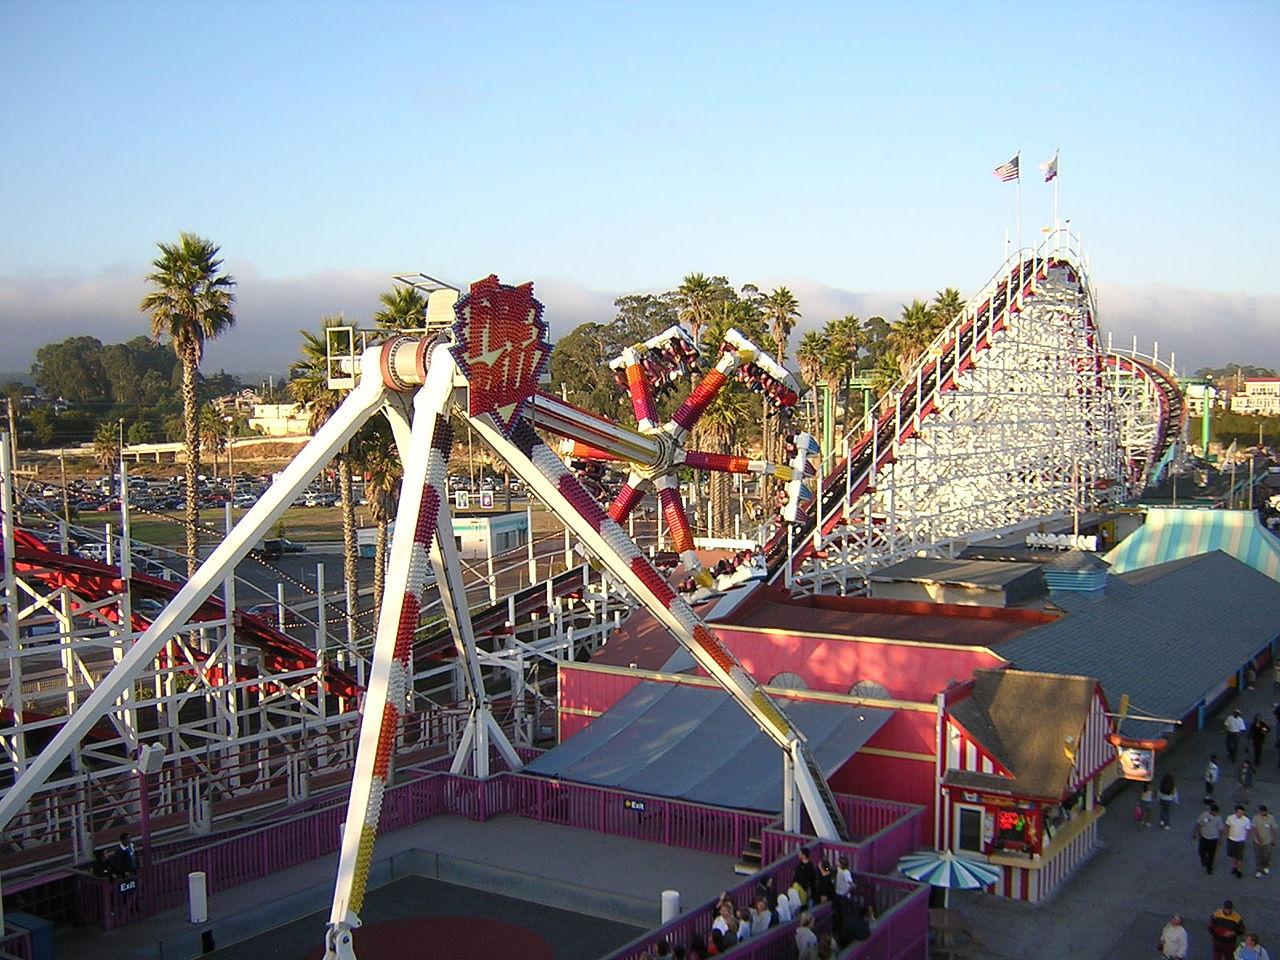 Best Theme Park In California-Santa Cruz Beach Boardwalk